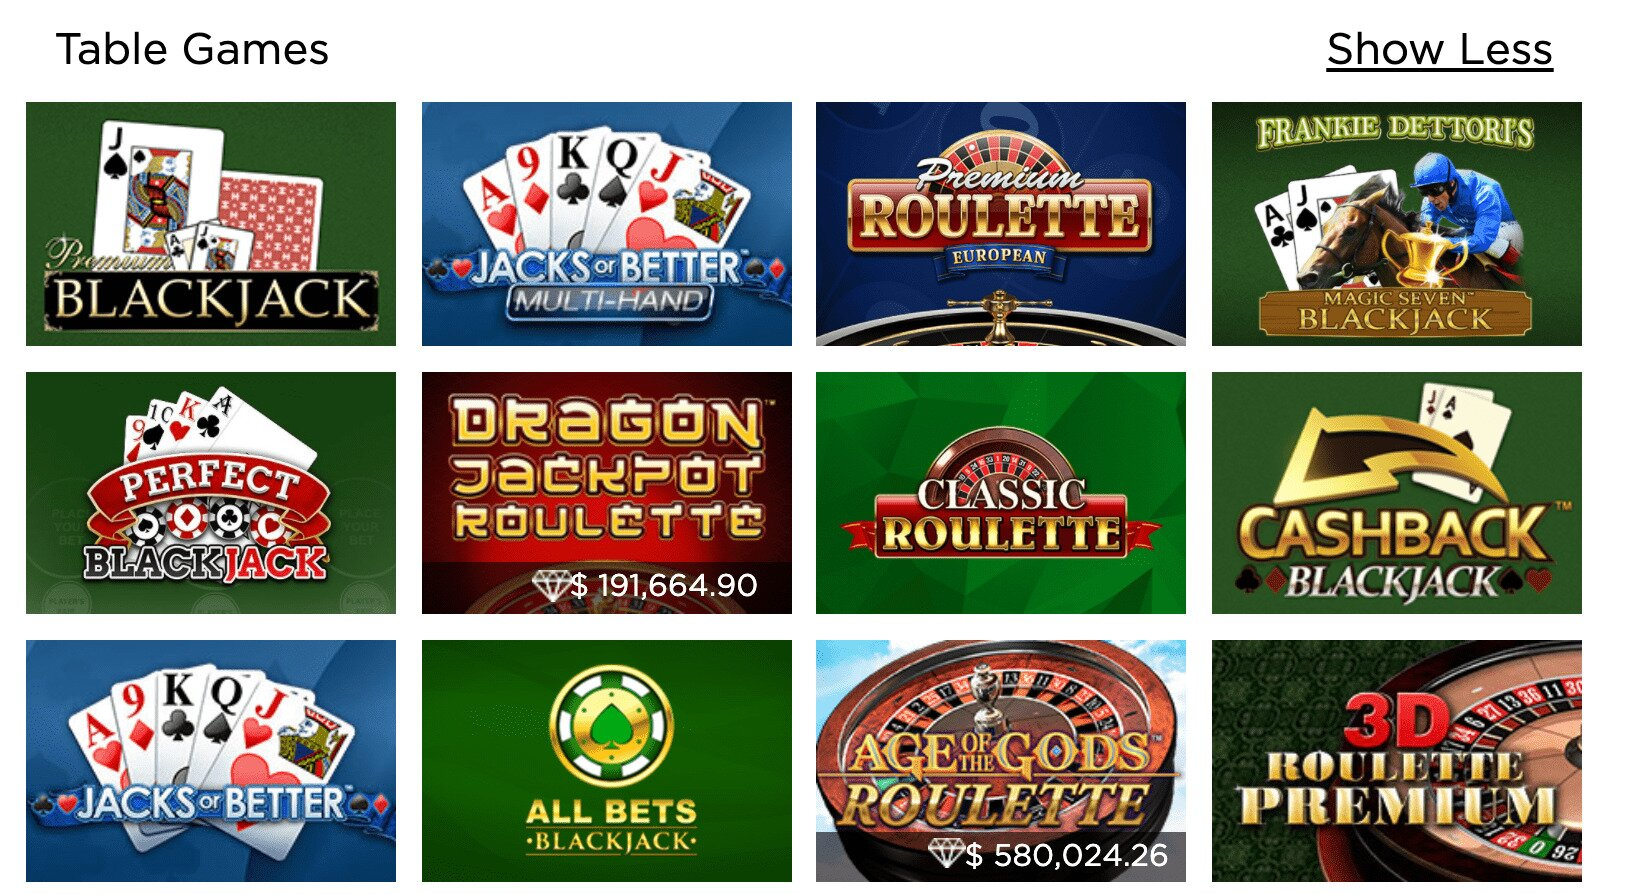 Casino.com Table Games